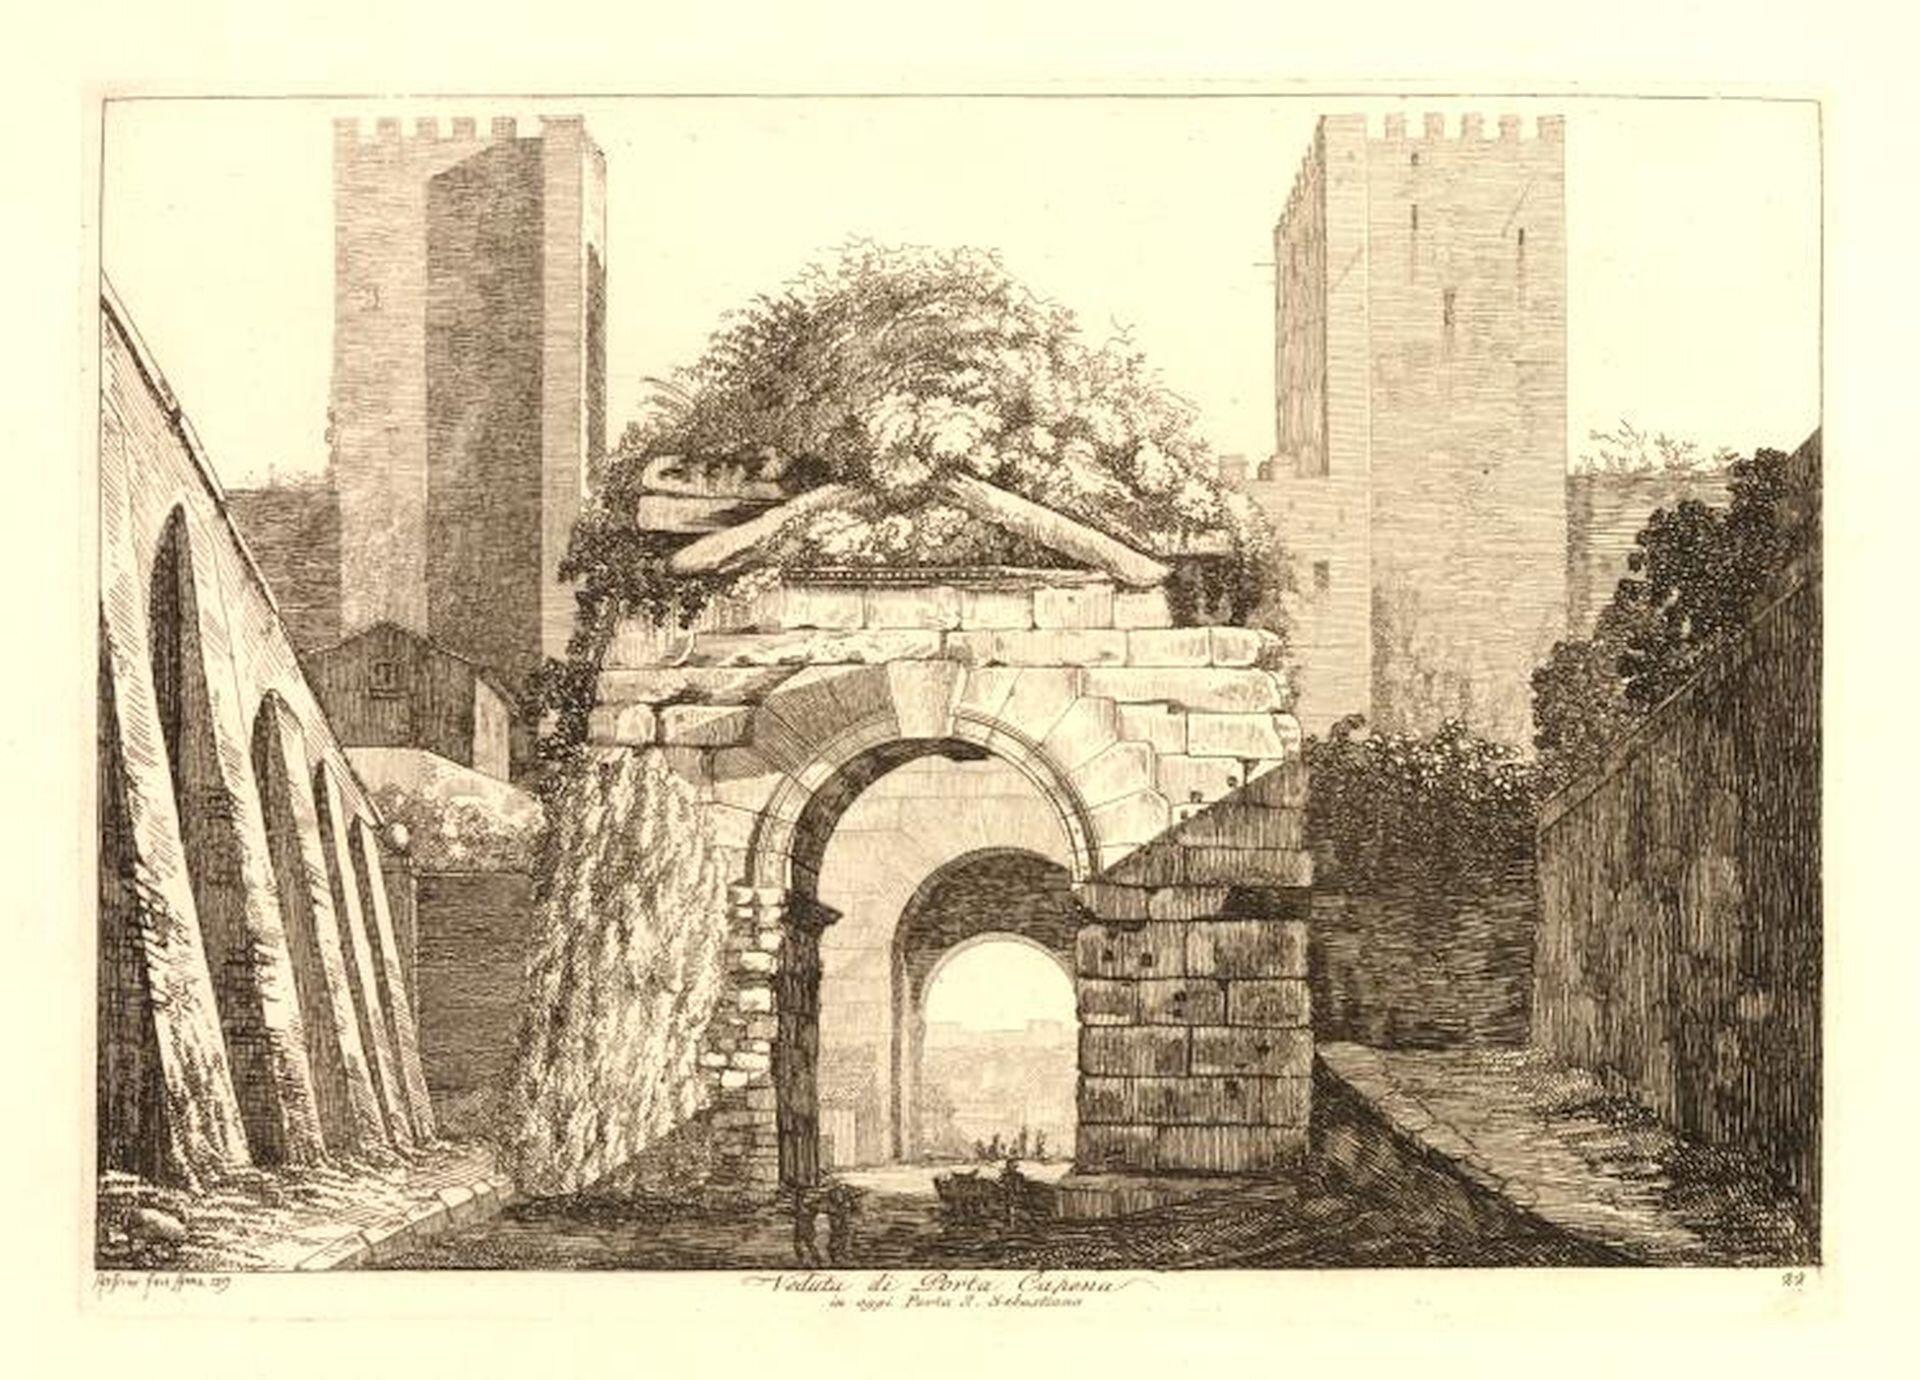 """Ilustracja przedstawia obraz """"Widok Porta Capena wRzymie"""" autorstwa Luigiego Rossini. Obraz ukazuje starą bramę porośniętą roślinnością. Zlewej iprawej strony widoczne są kamienne mury. Wtle widać dwie wysokie wieże."""